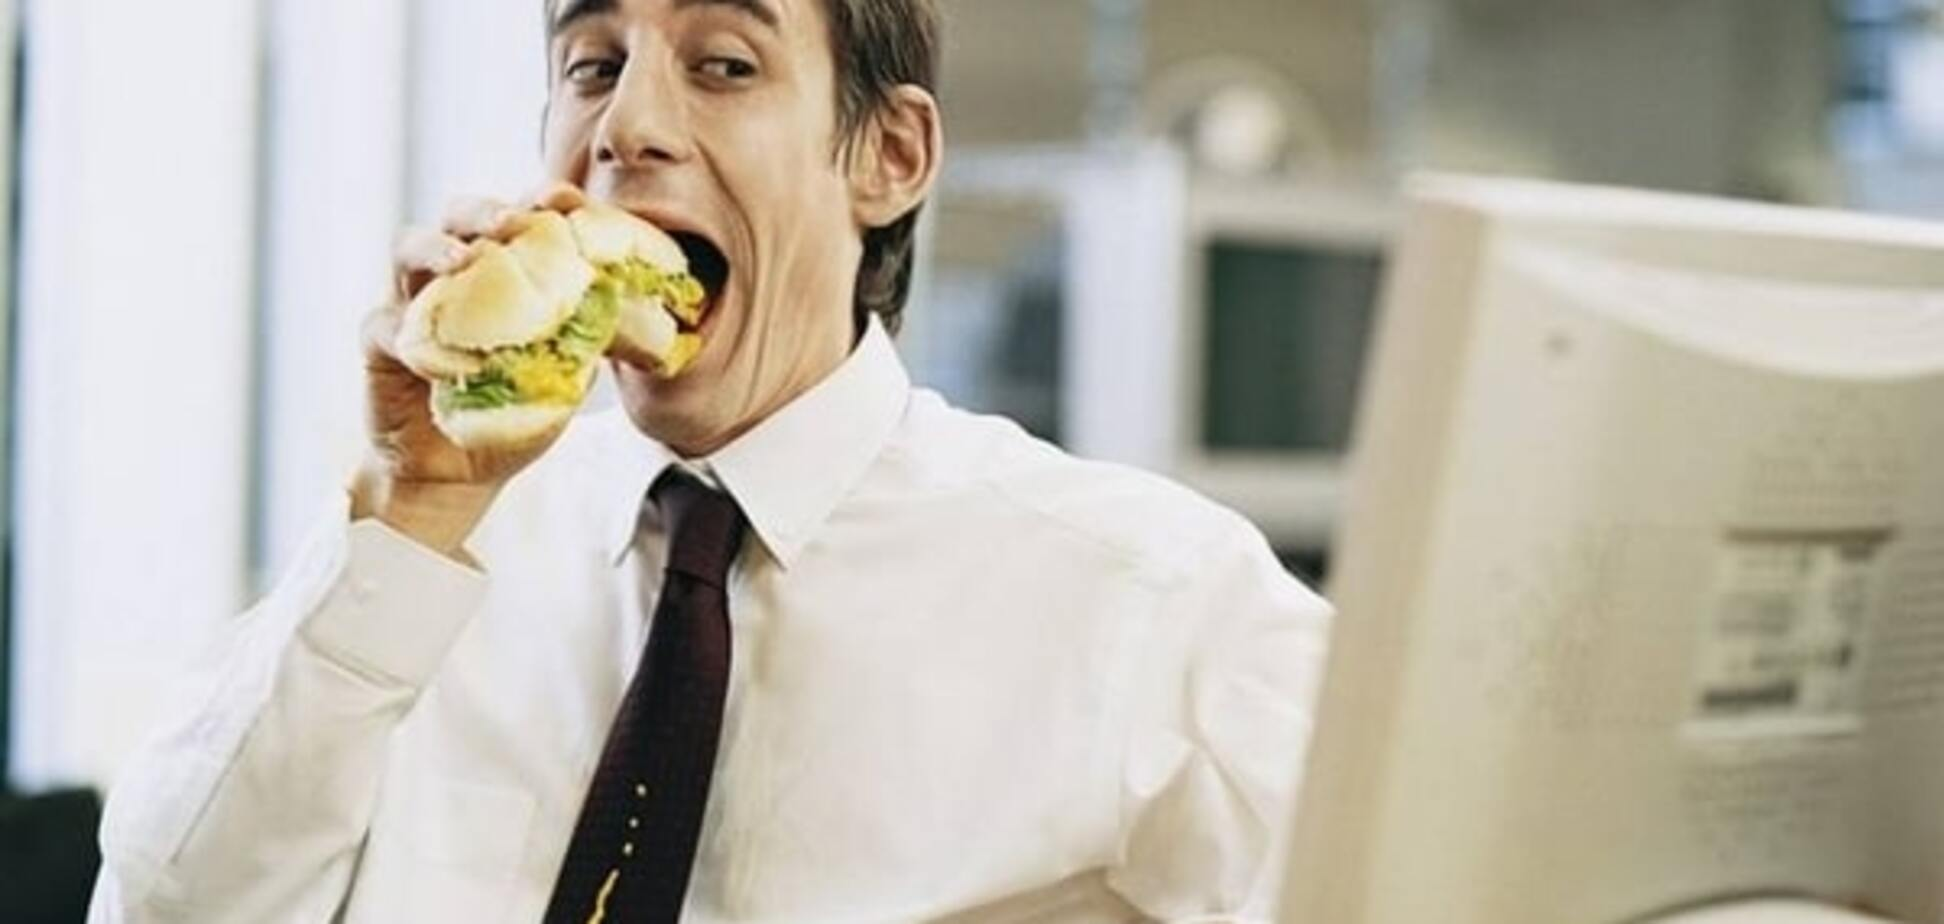 Ученые рассказали, почему офисные сотрудники имеют проблемы с печенью